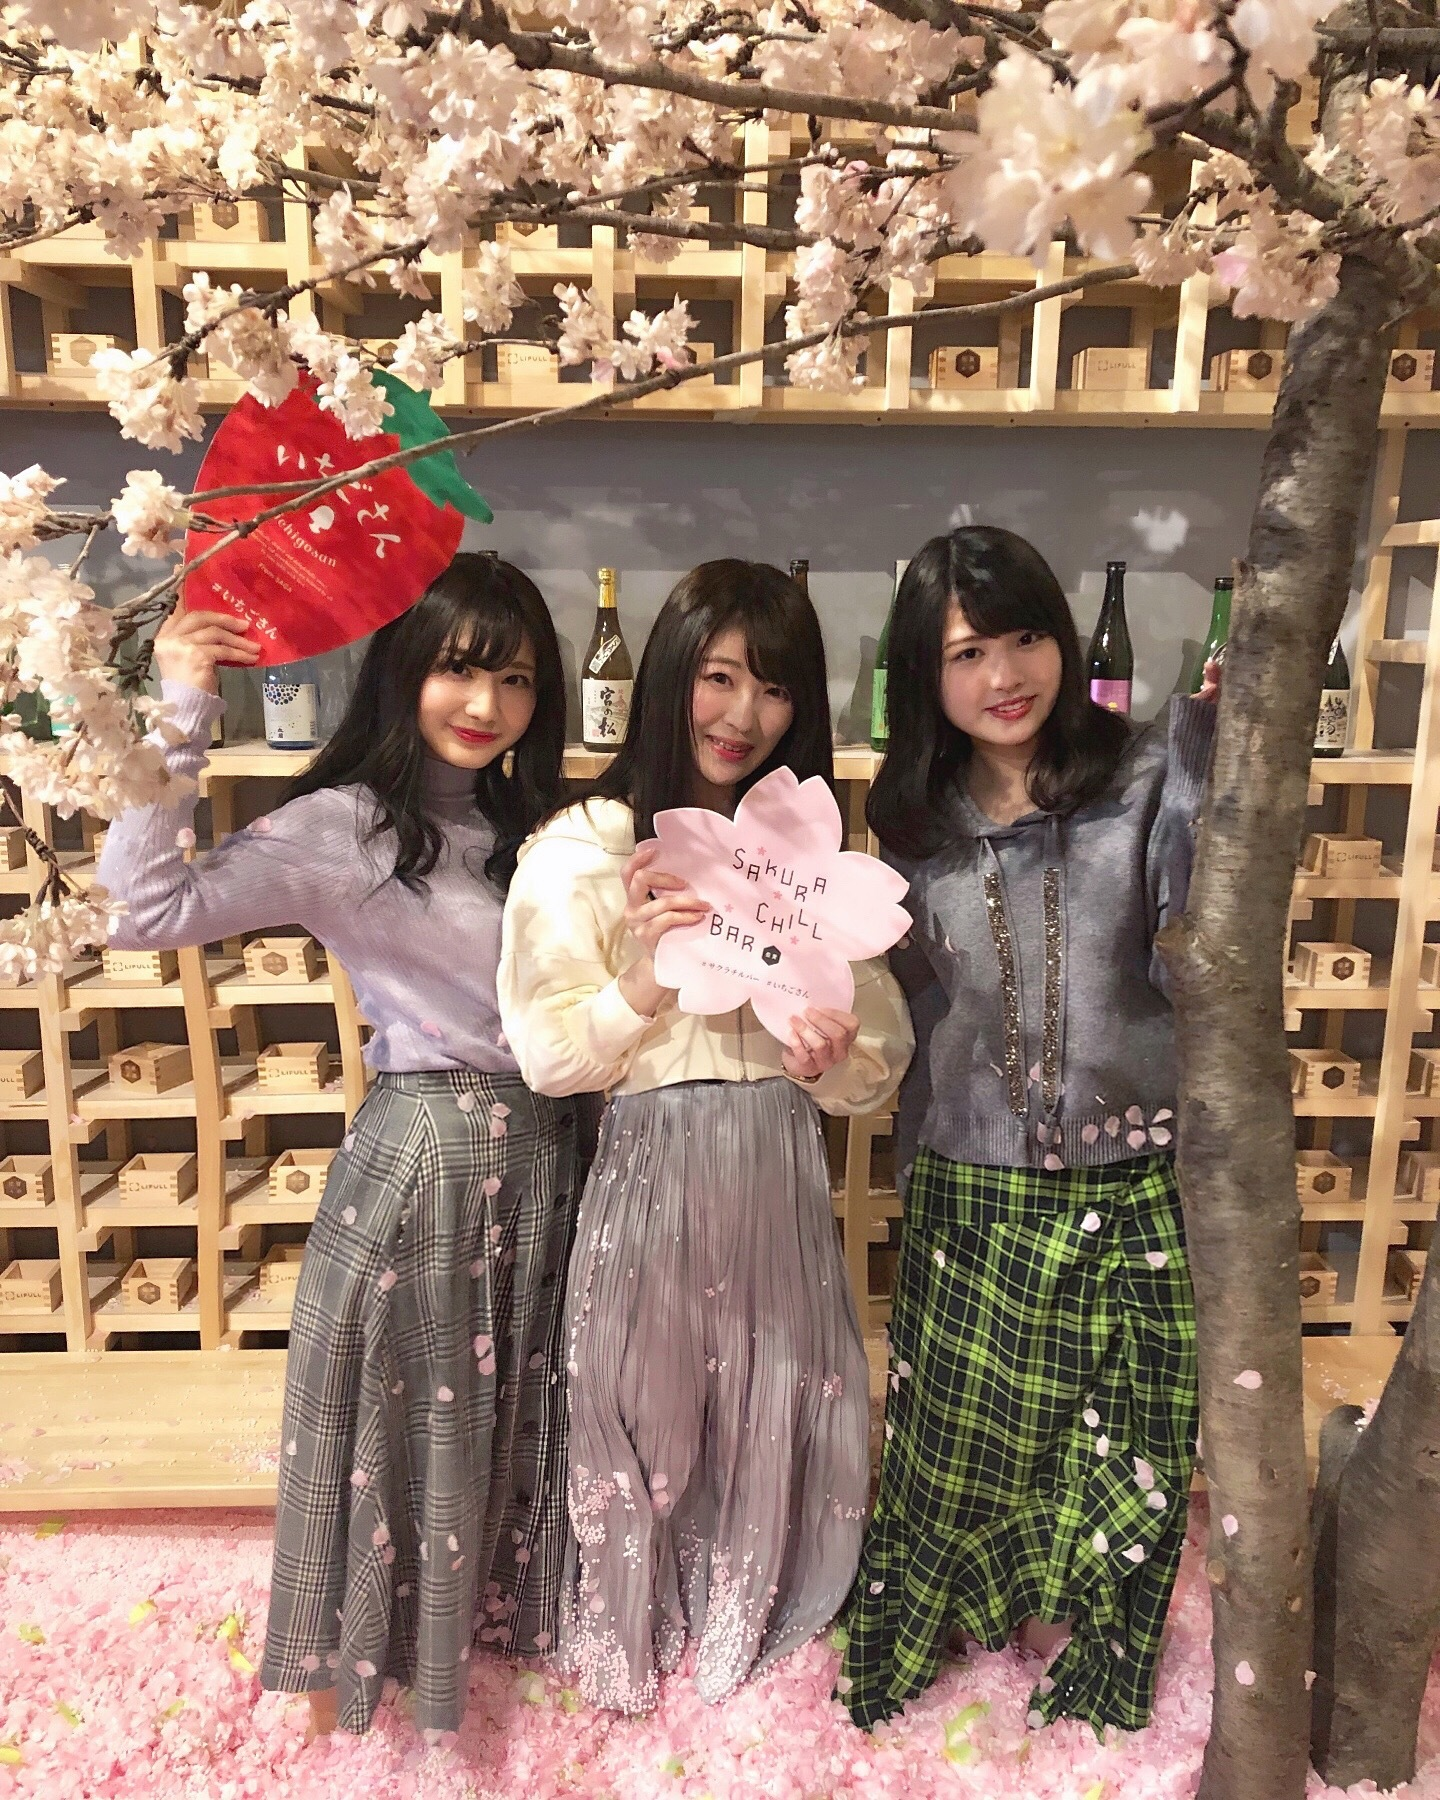 【注目春イベント♥】桜が屋内で楽しめる?SAKURA CHILL BARが楽しい!_1_2